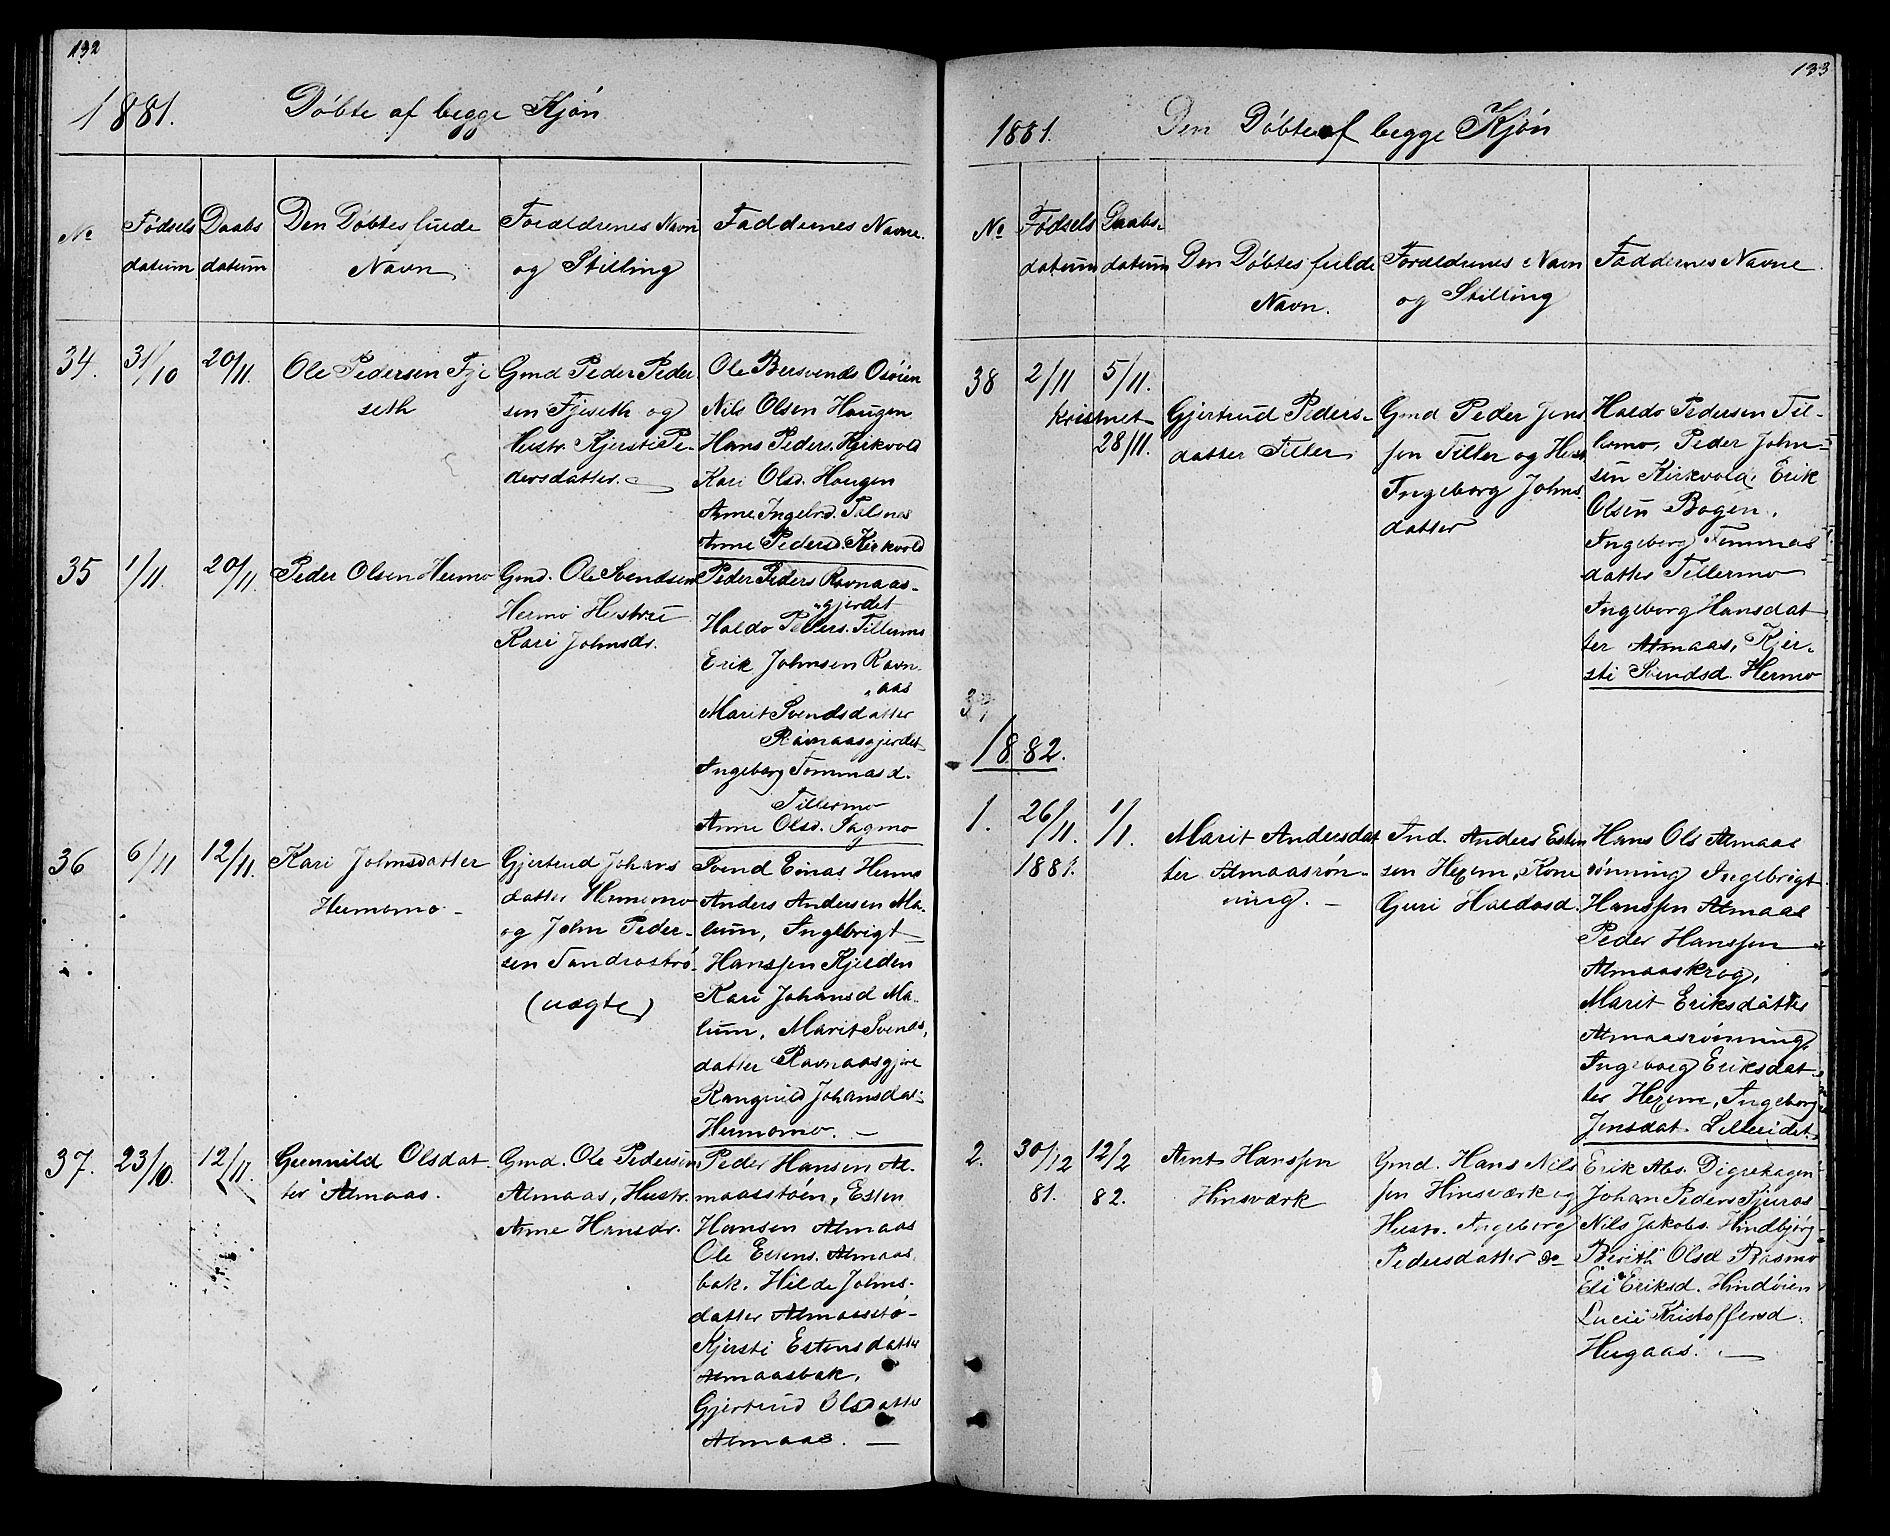 SAT, Ministerialprotokoller, klokkerbøker og fødselsregistre - Sør-Trøndelag, 688/L1027: Klokkerbok nr. 688C02, 1861-1889, s. 132-133